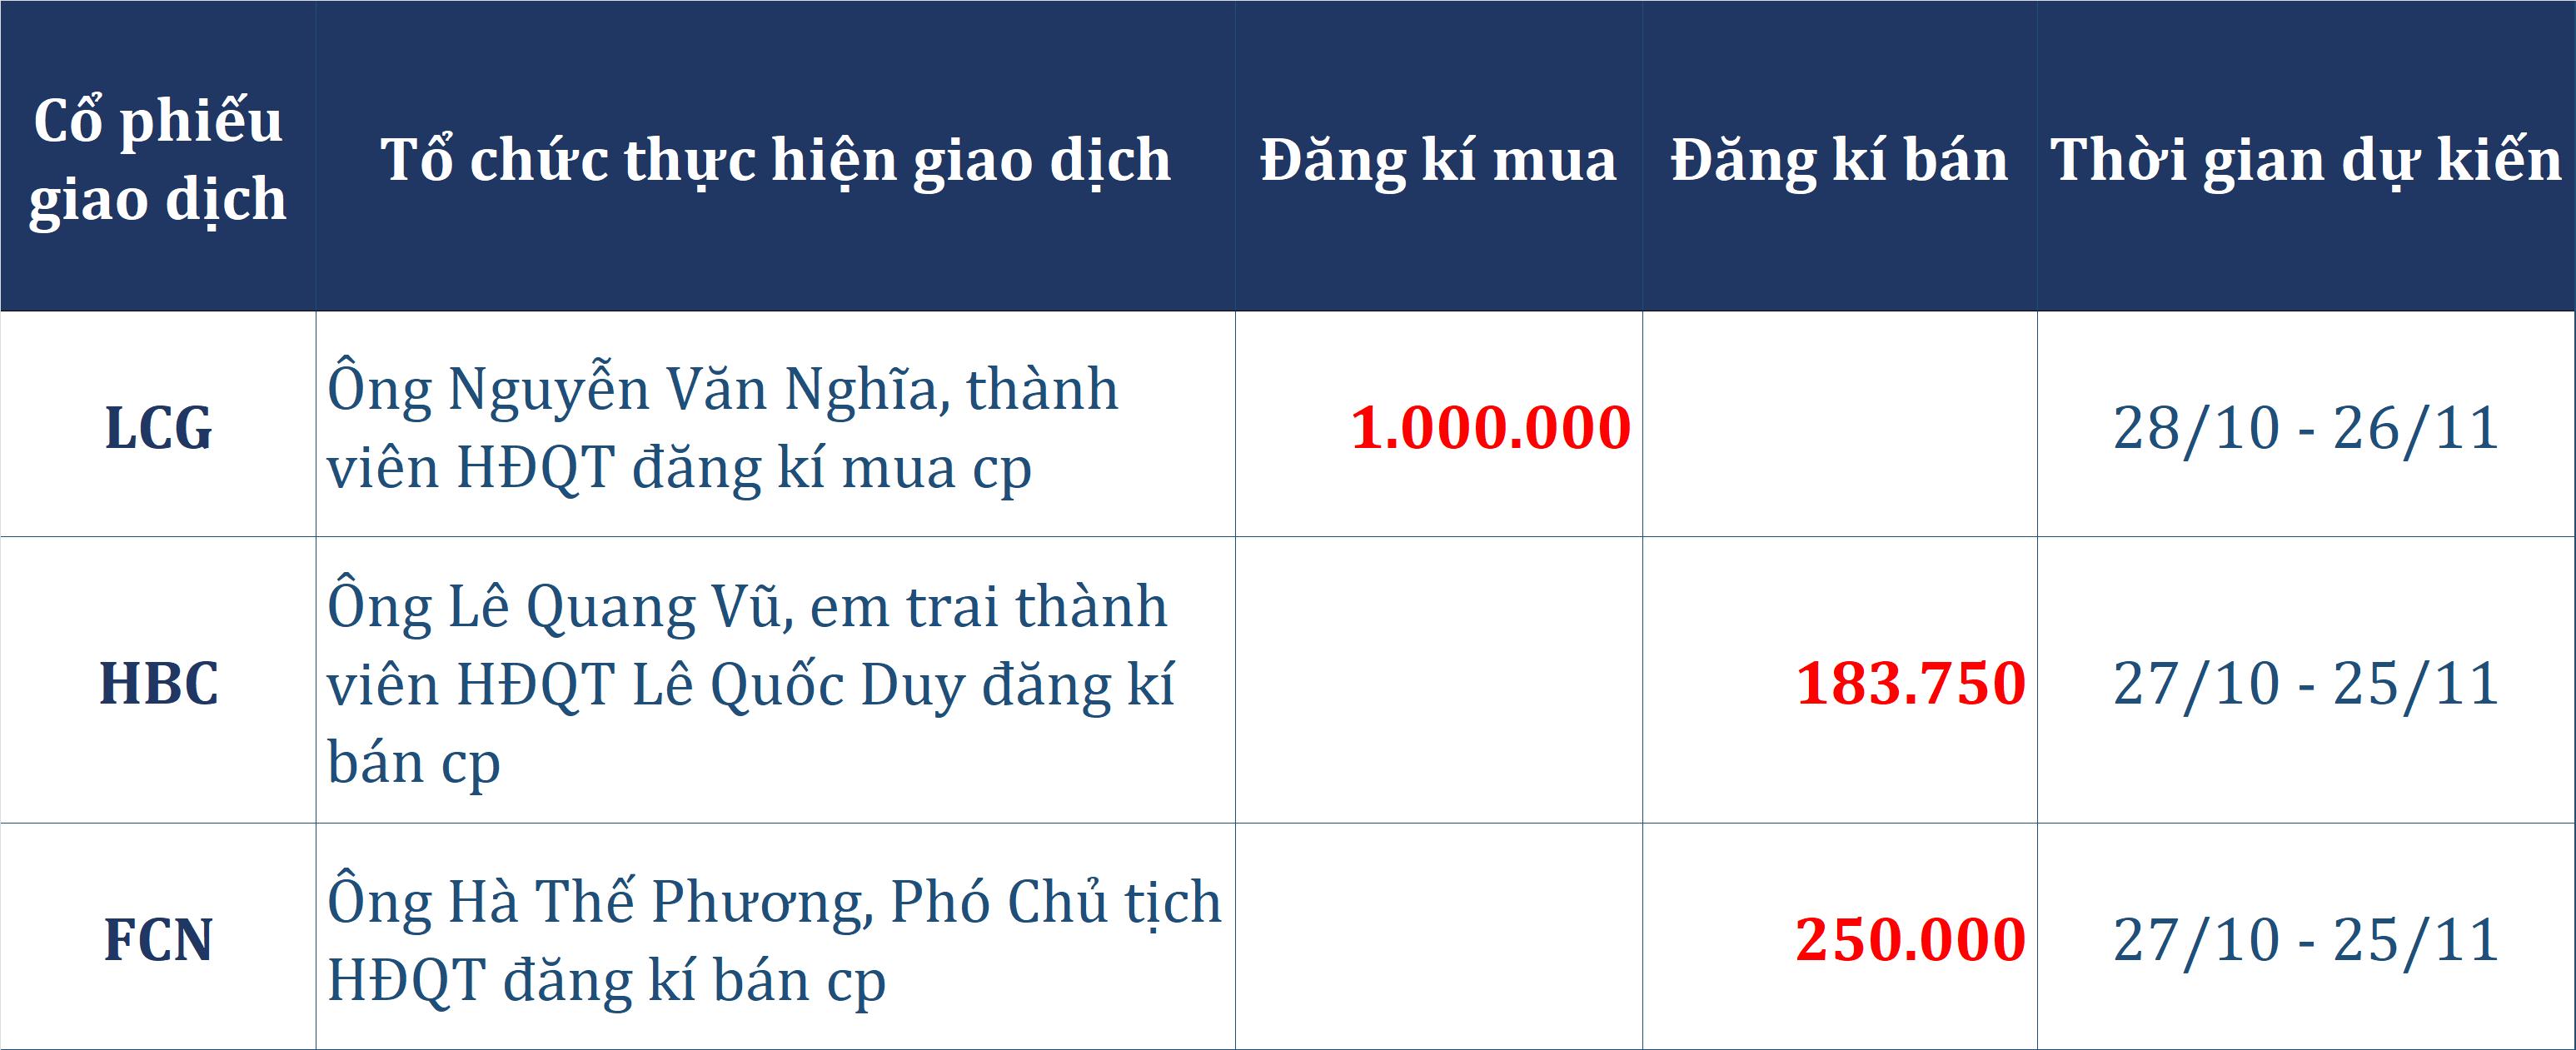 Dòng tiền thông minh 26/10: Tự doanh đẩy mạnh gom 550 tỉ đồng, rót trăm tỉ cho mã VIC - Ảnh 2.